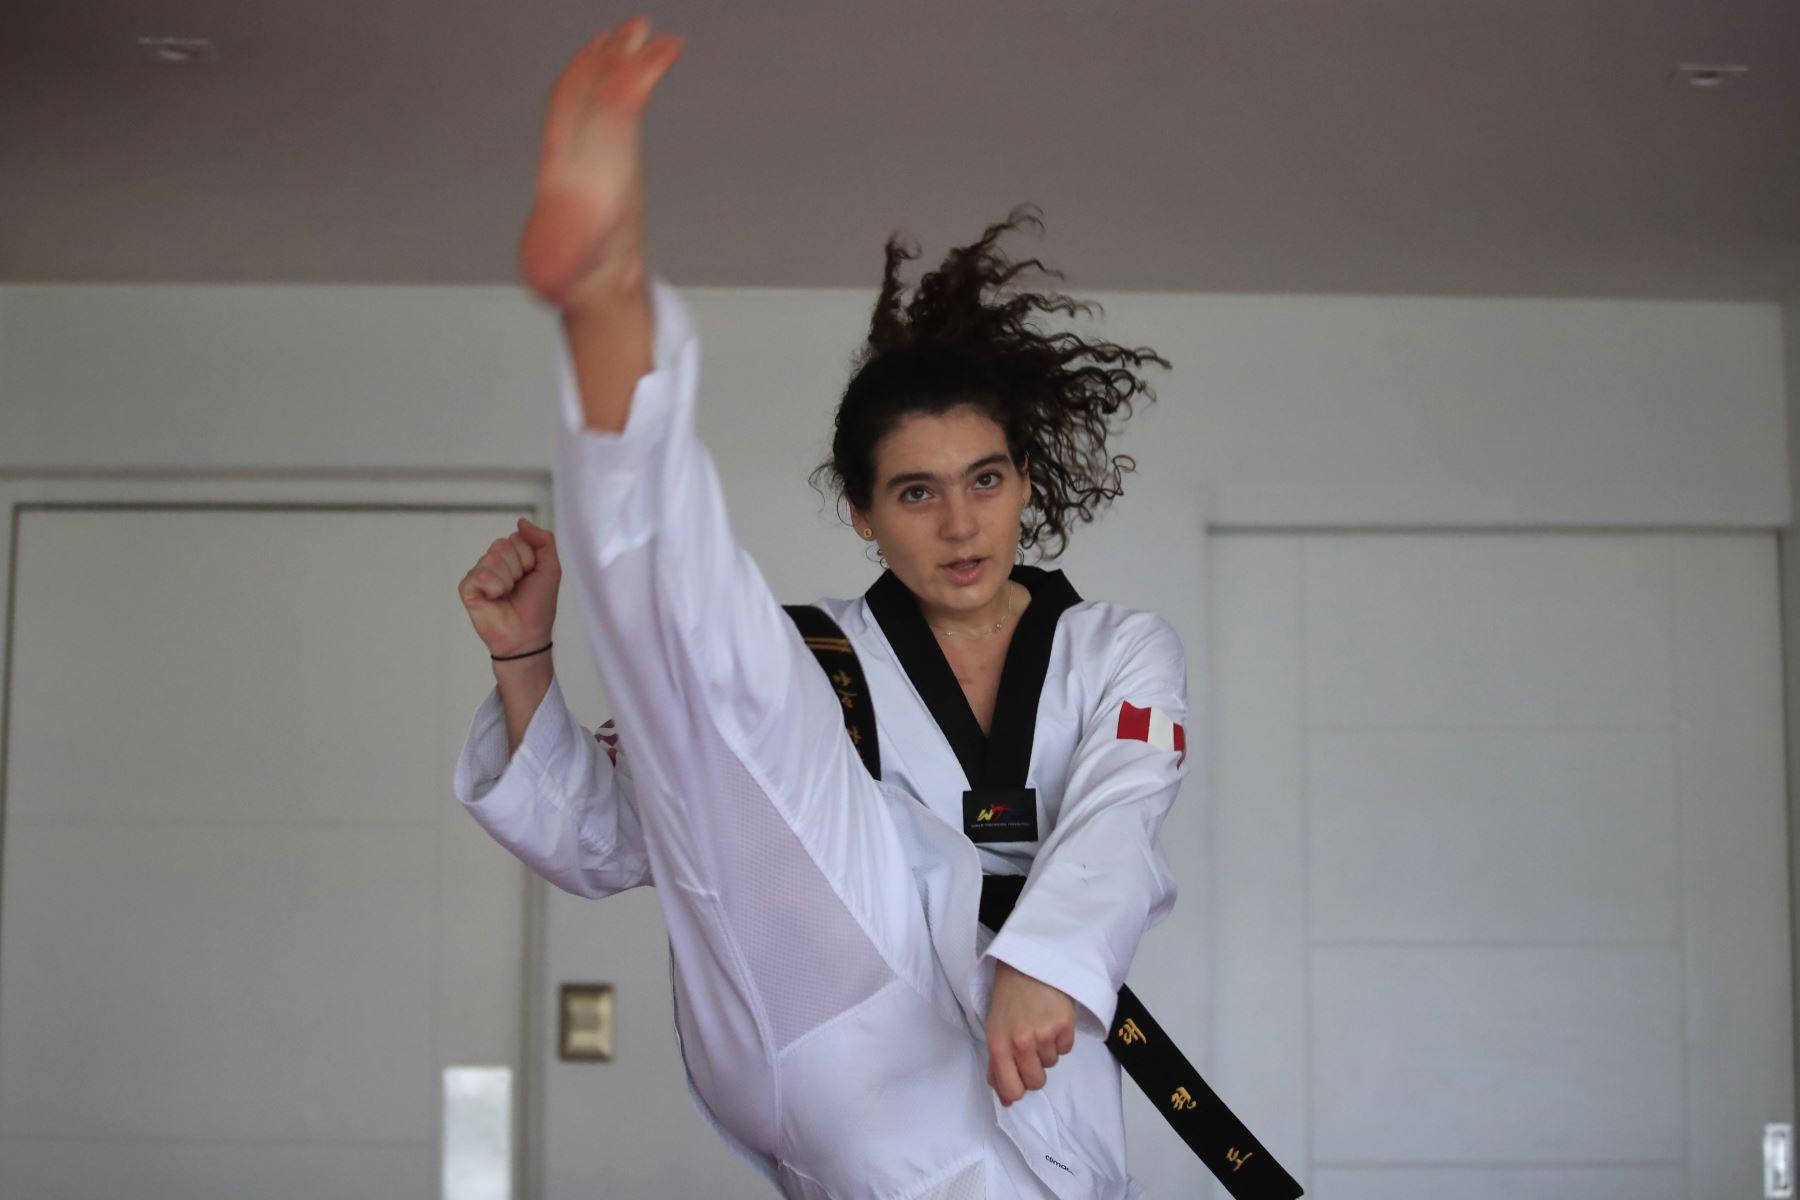 Aittana Moya, deportista practicante de Taekwondo realiza sus entrenamientos de alta competencia en la sala de su departamento. Debido a la cuarentena impuesta por el Estado para evitar contagios de covid-19 muchos deportistas han adecuado su viviendas como centro de preparación para no perder el ritmo competitivo.  Foto: ANDINA / Juan Carlos Guzmán Negrini